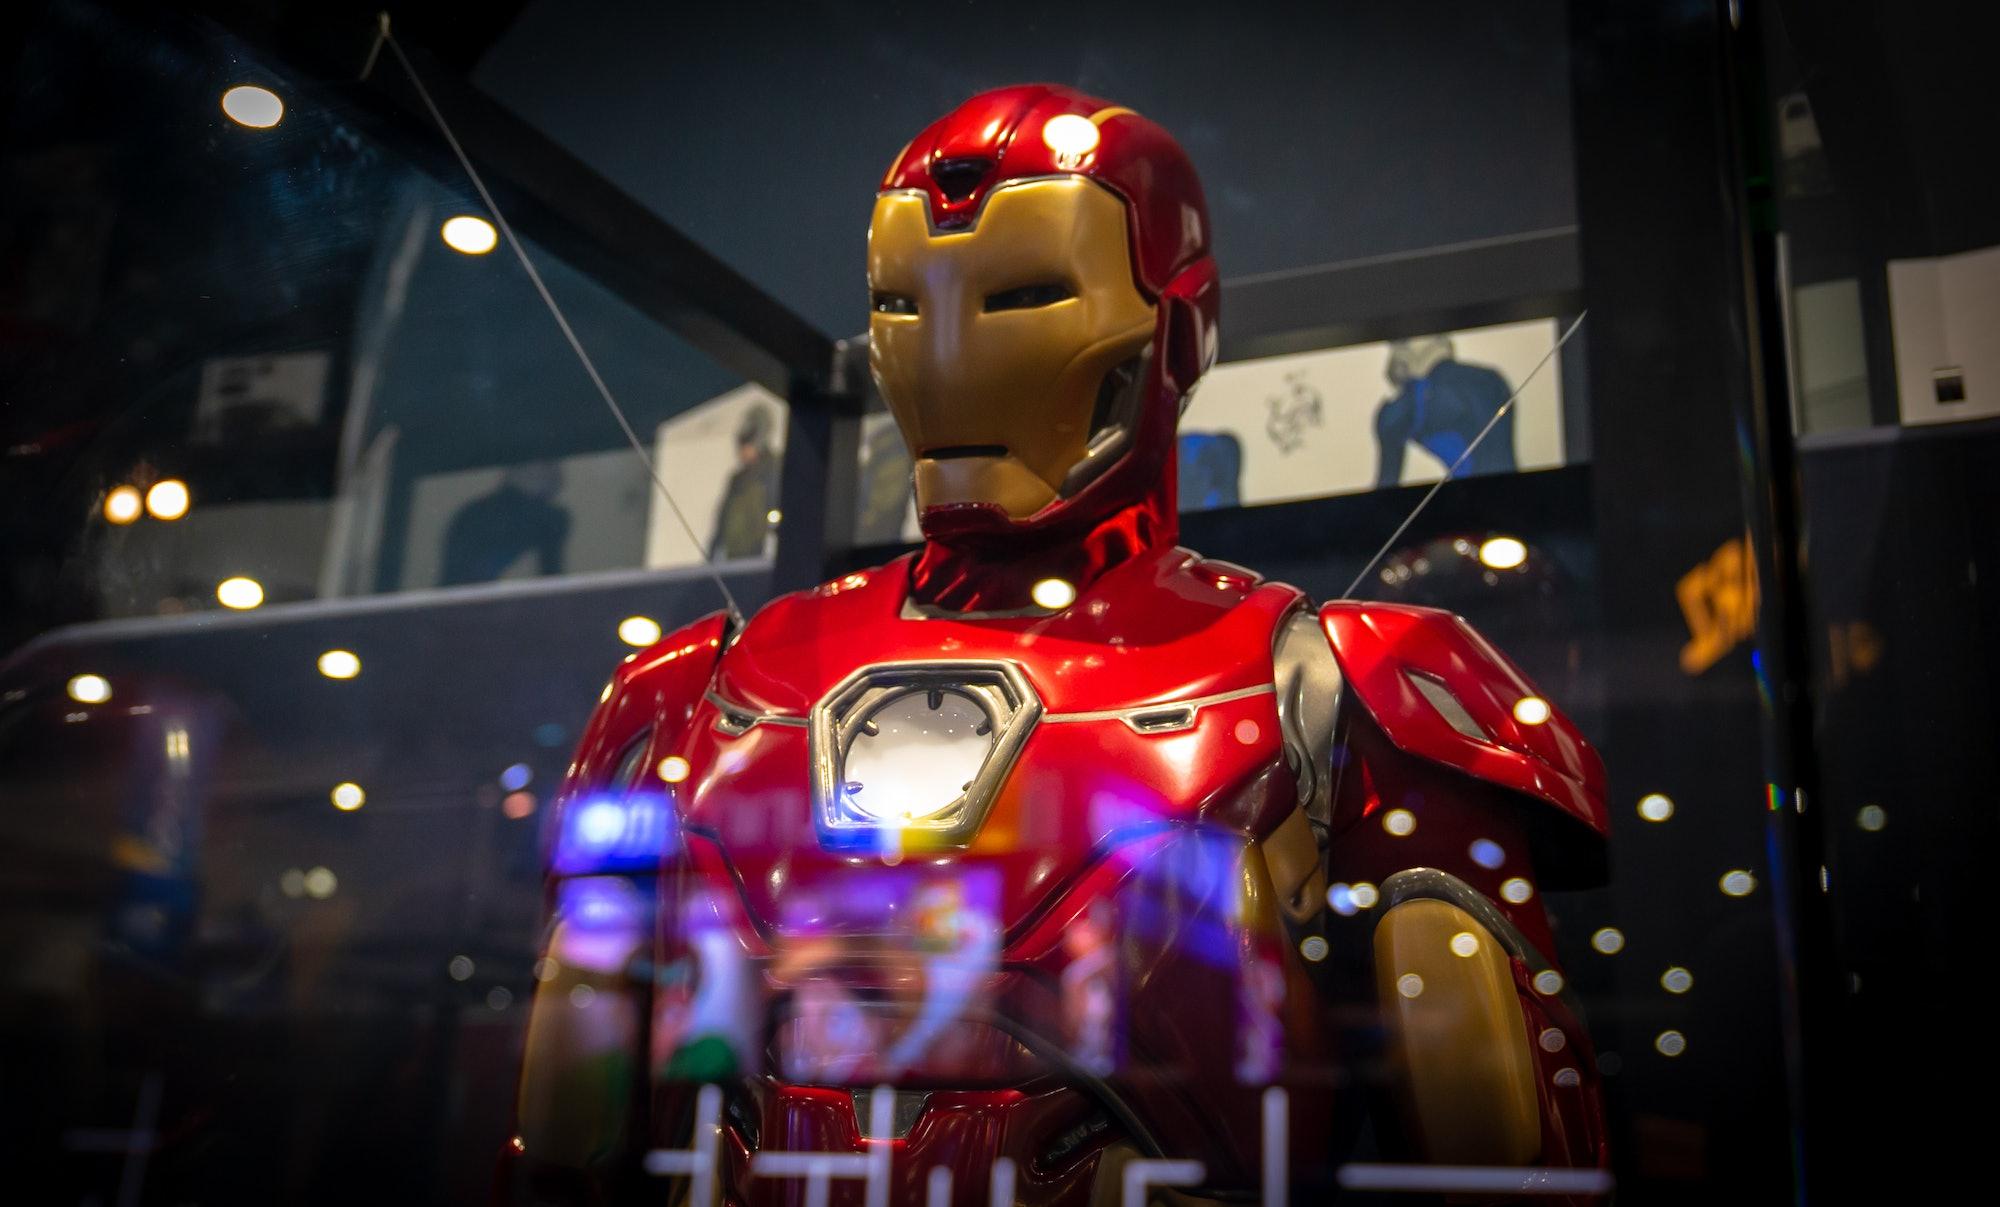 Iron Man in 'Marvel's Avengers'